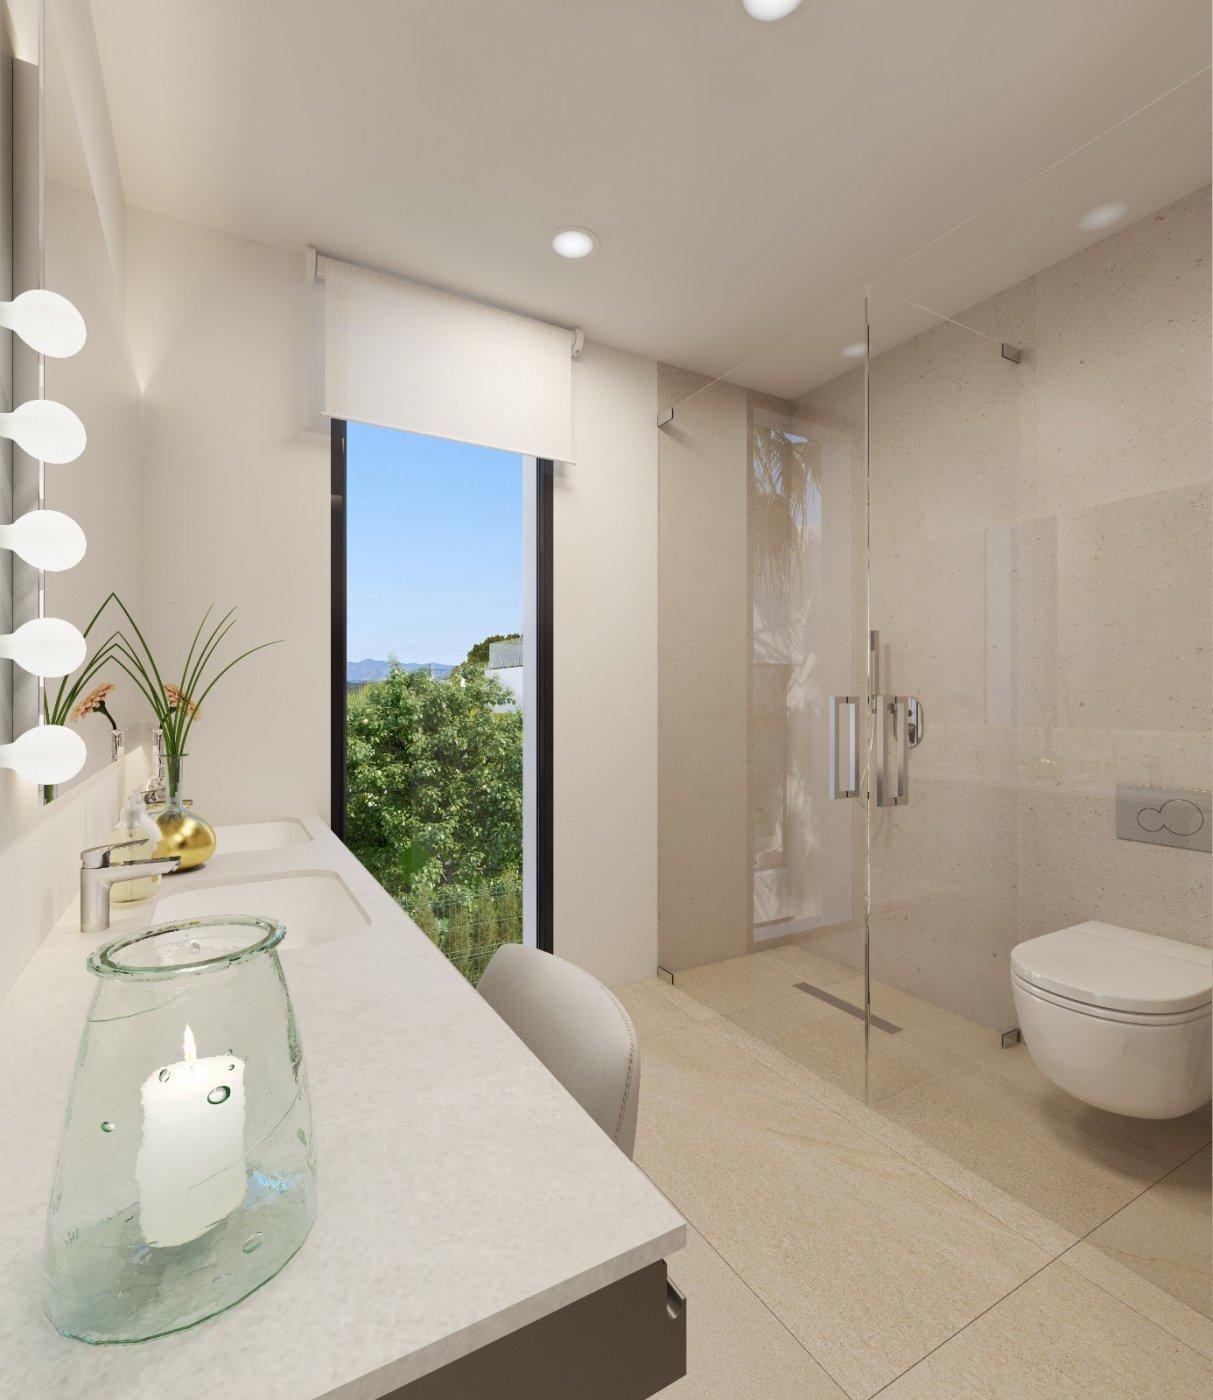 Villas de obra nueva modernas con vistas al mar en sierra cortina - imagenInmueble14